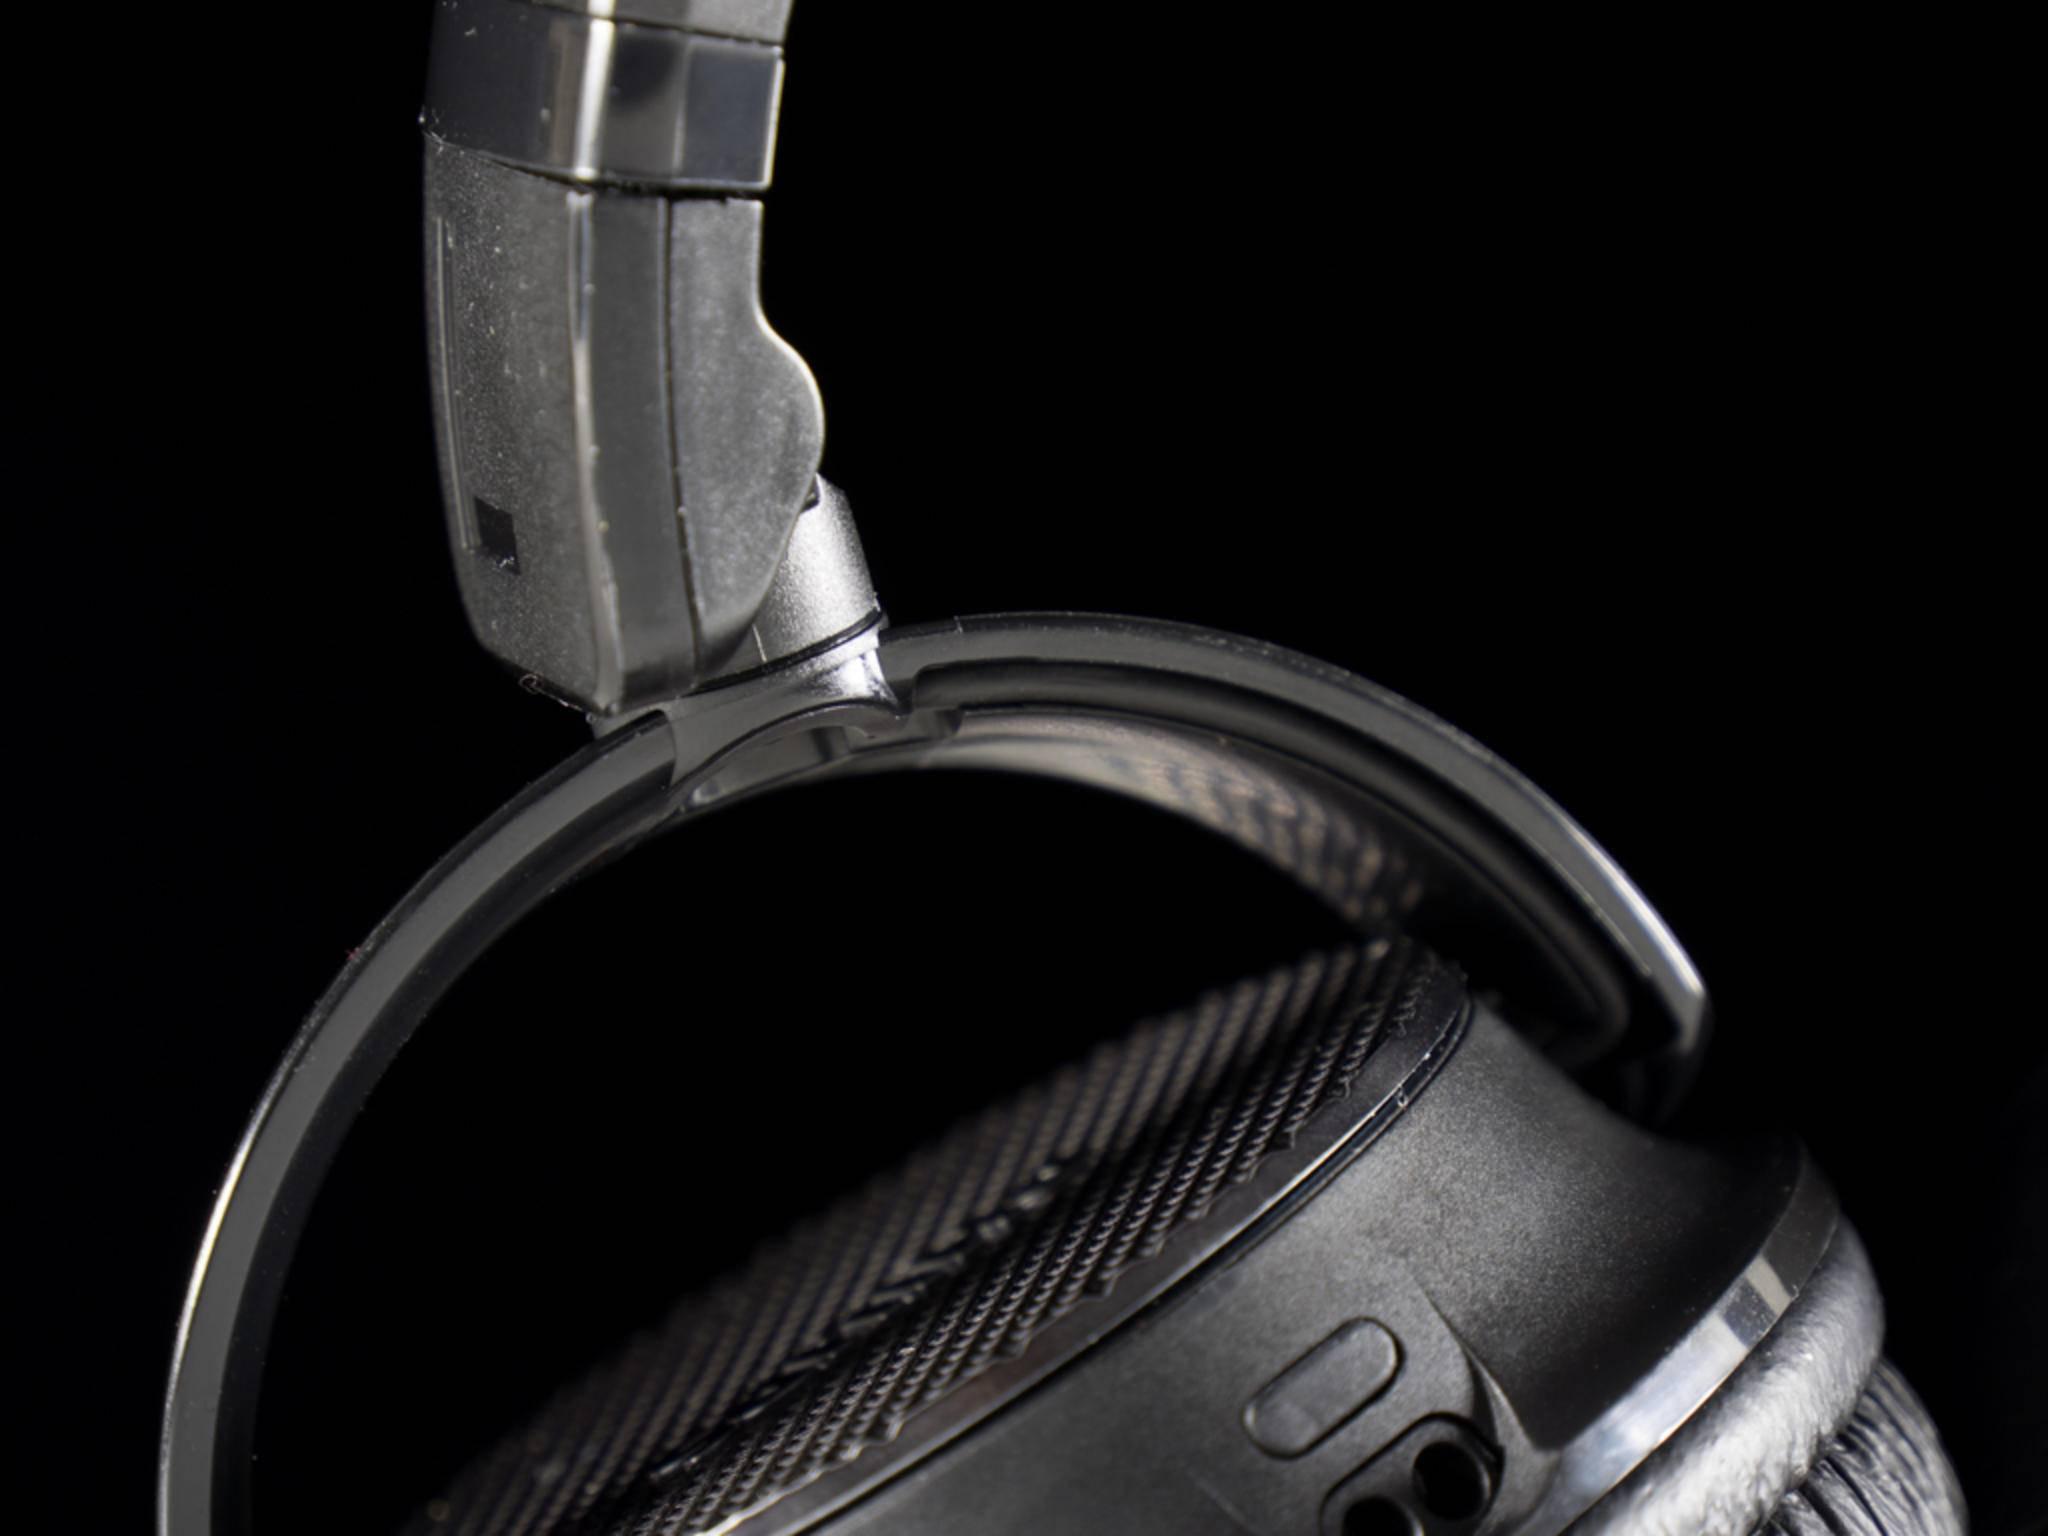 Die Verarbeitung der Kopfhörer macht ebenfalls einen guten Eindruck.